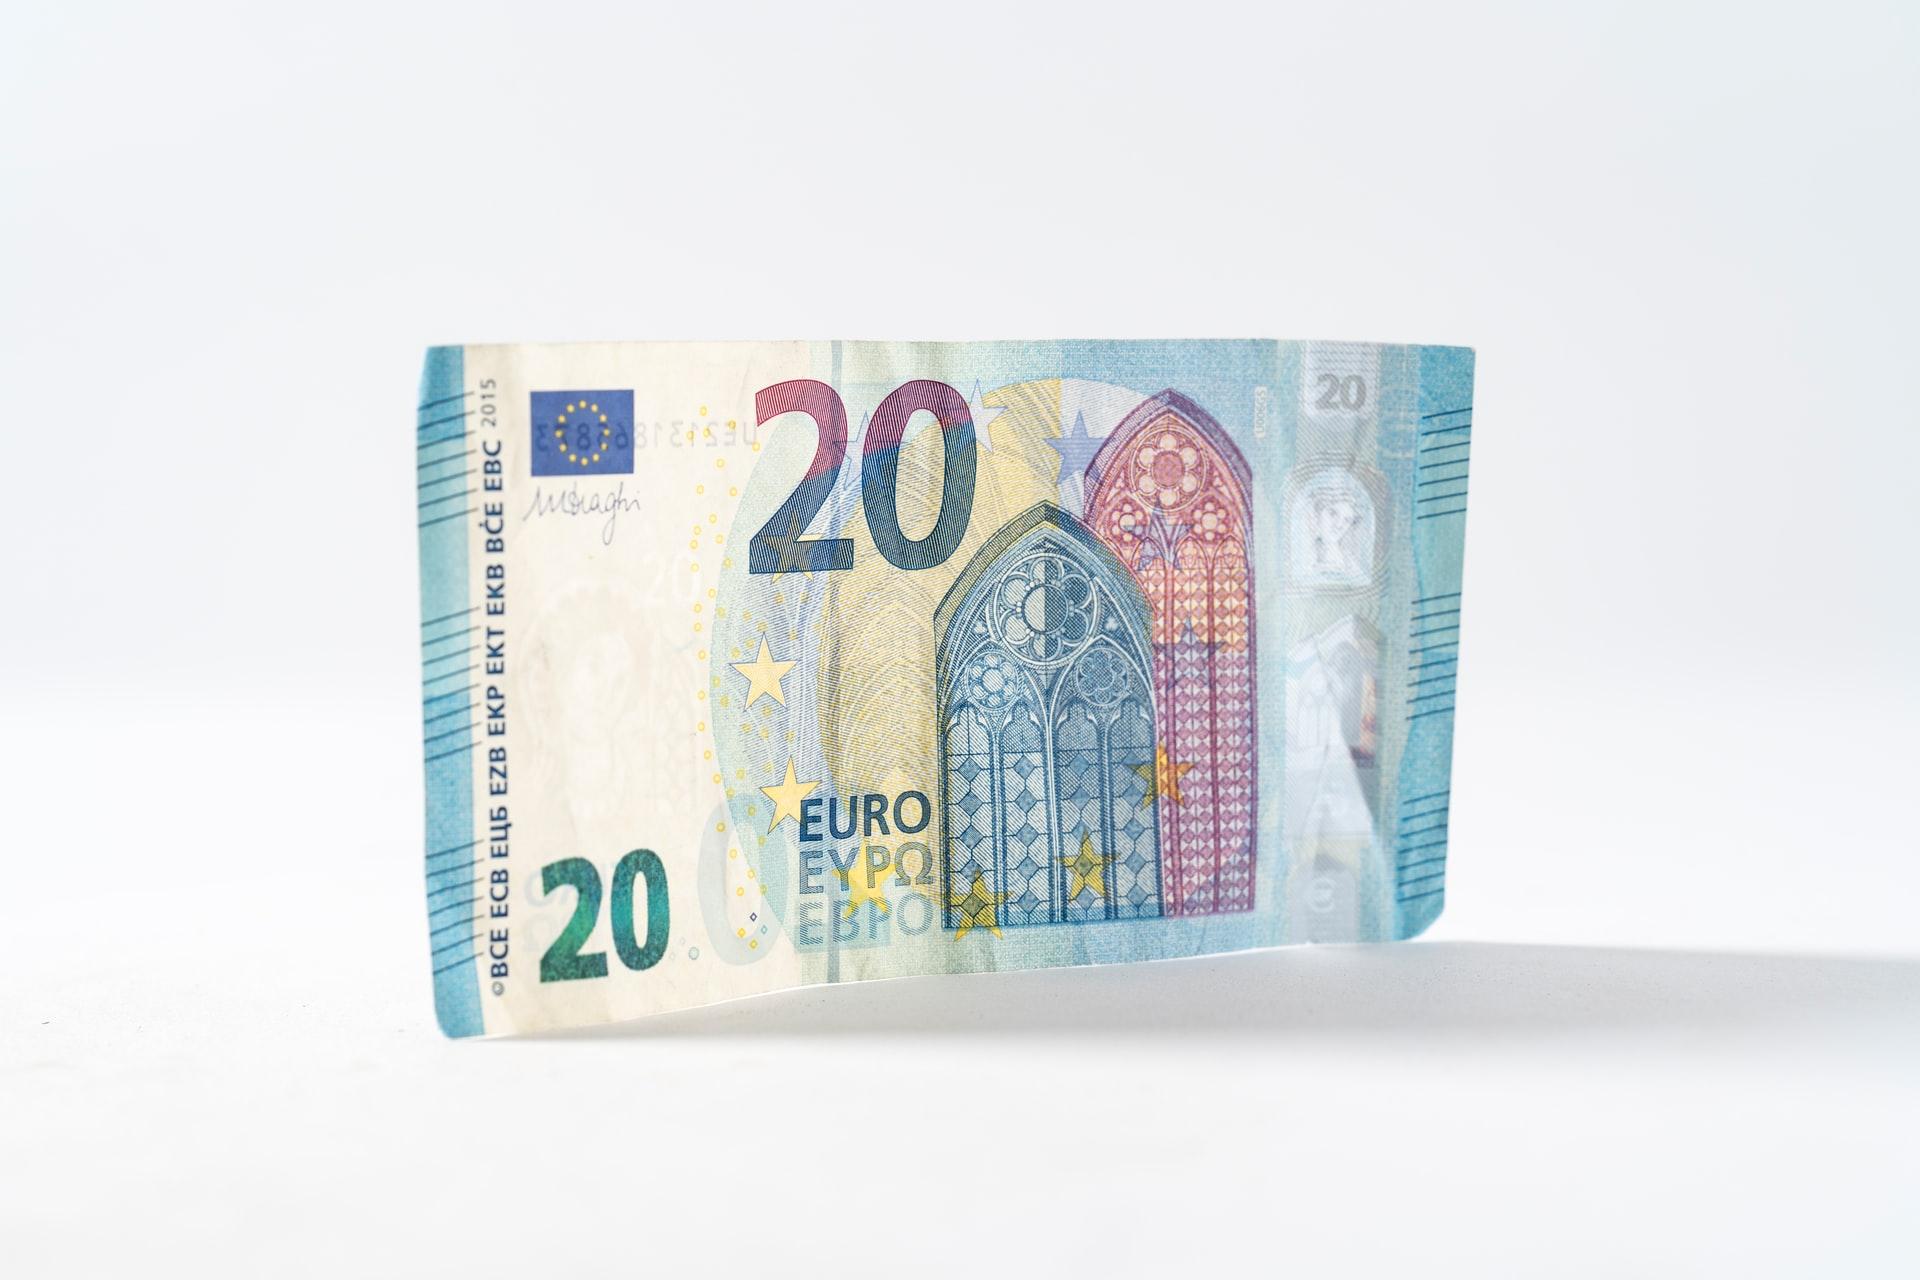 Wees voorzichtig met je geld